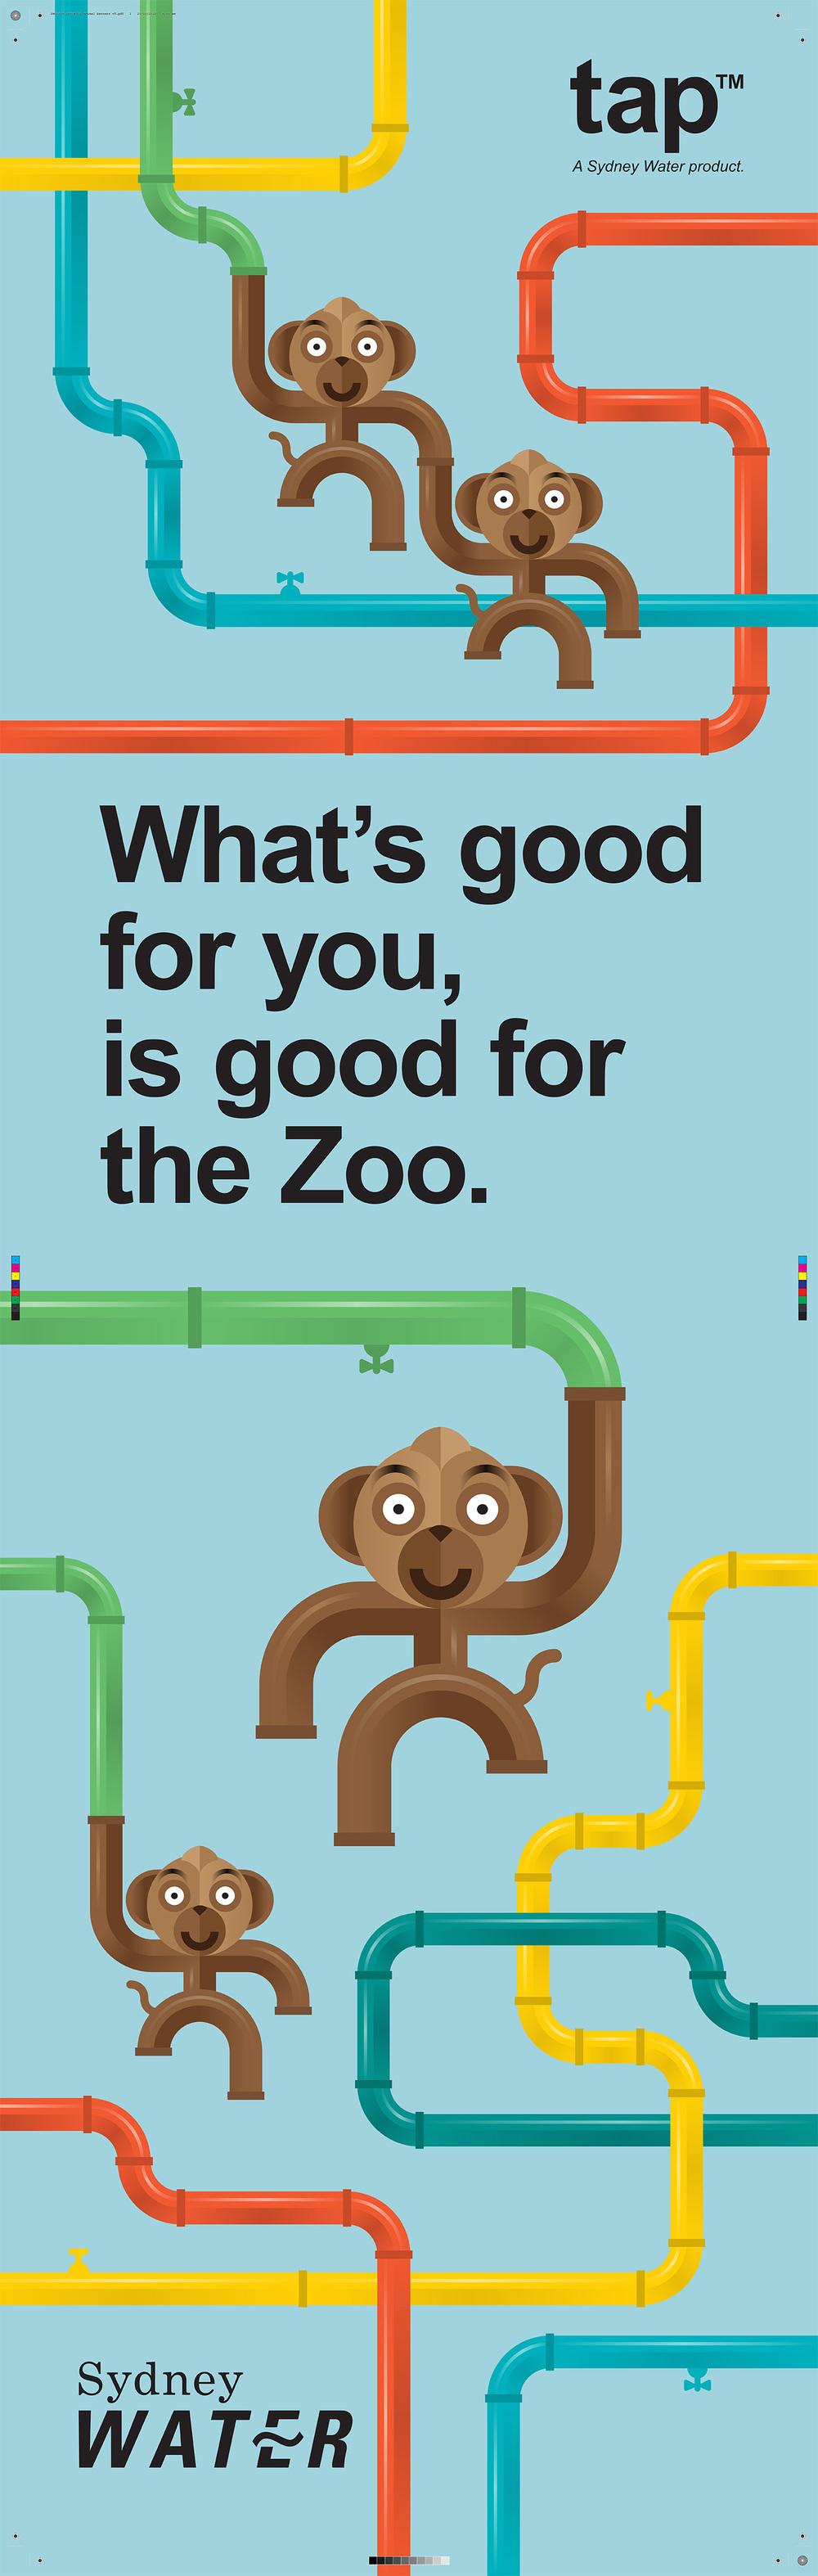 sydneywater-zoo-02.jpg